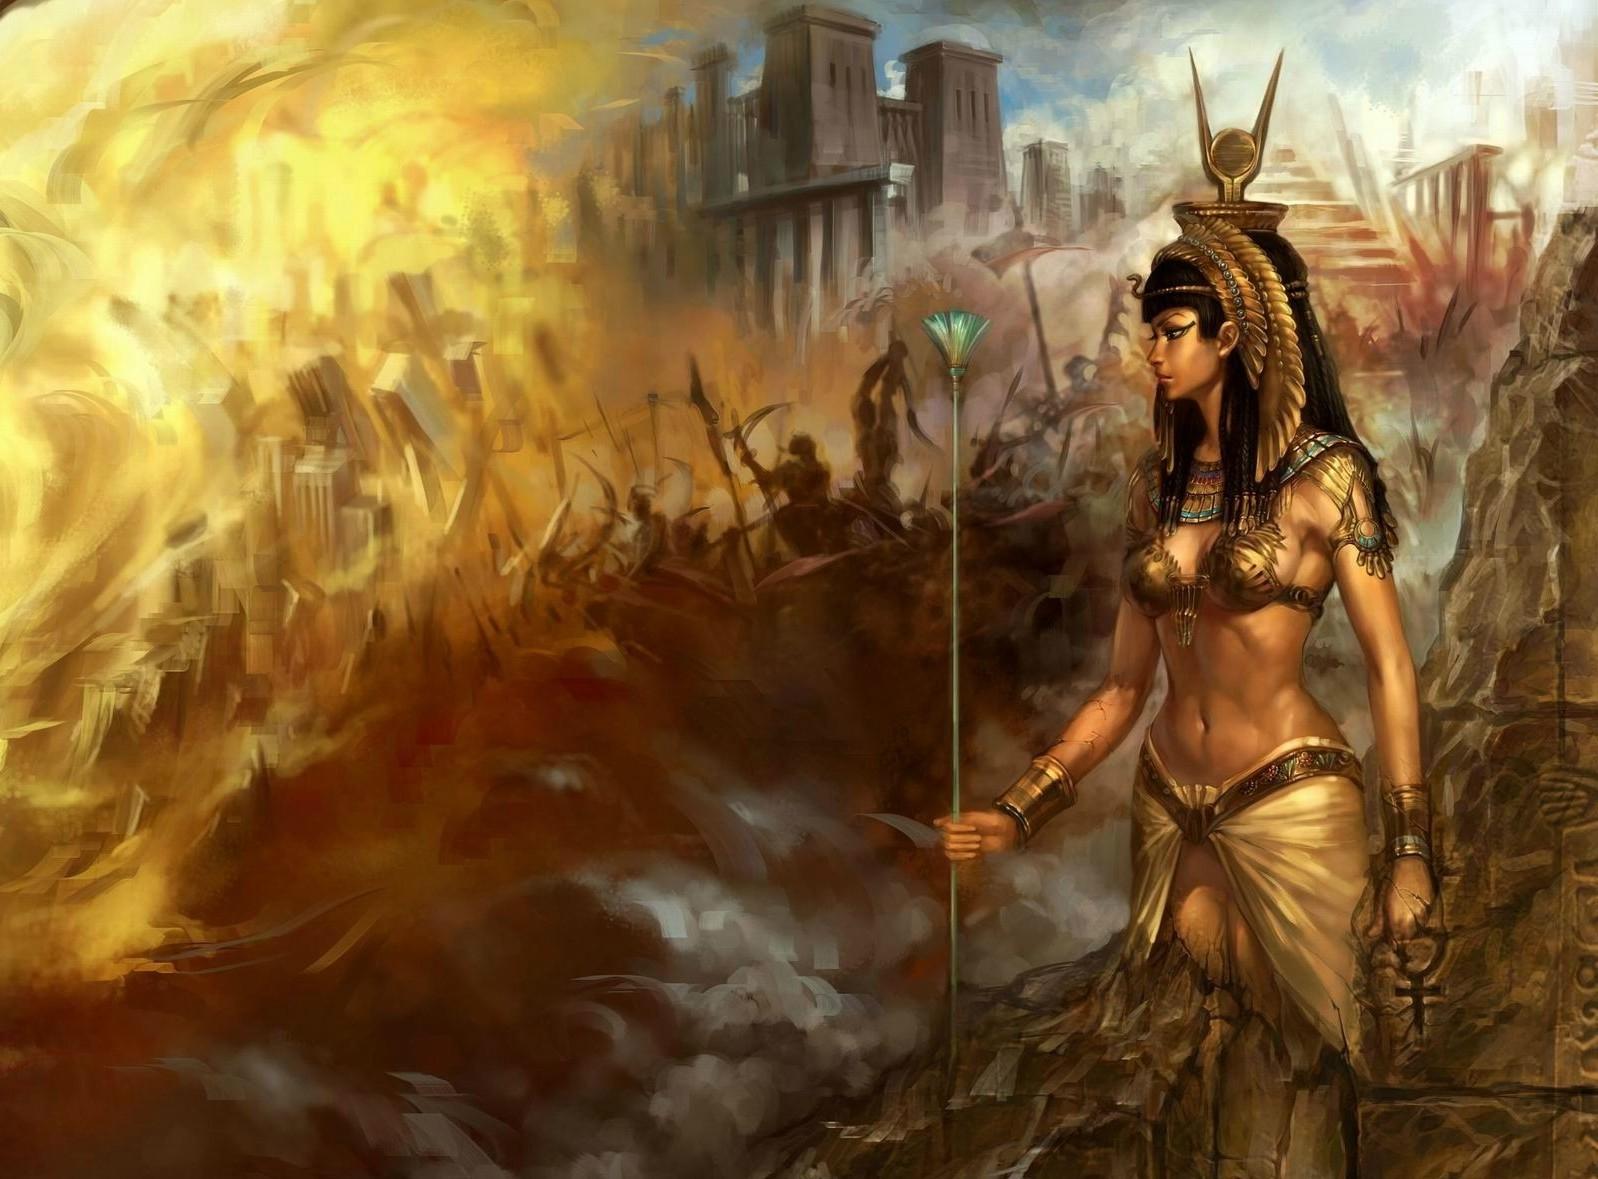 Wallpaper Fantasy Art Artwork Egyptian Mythology